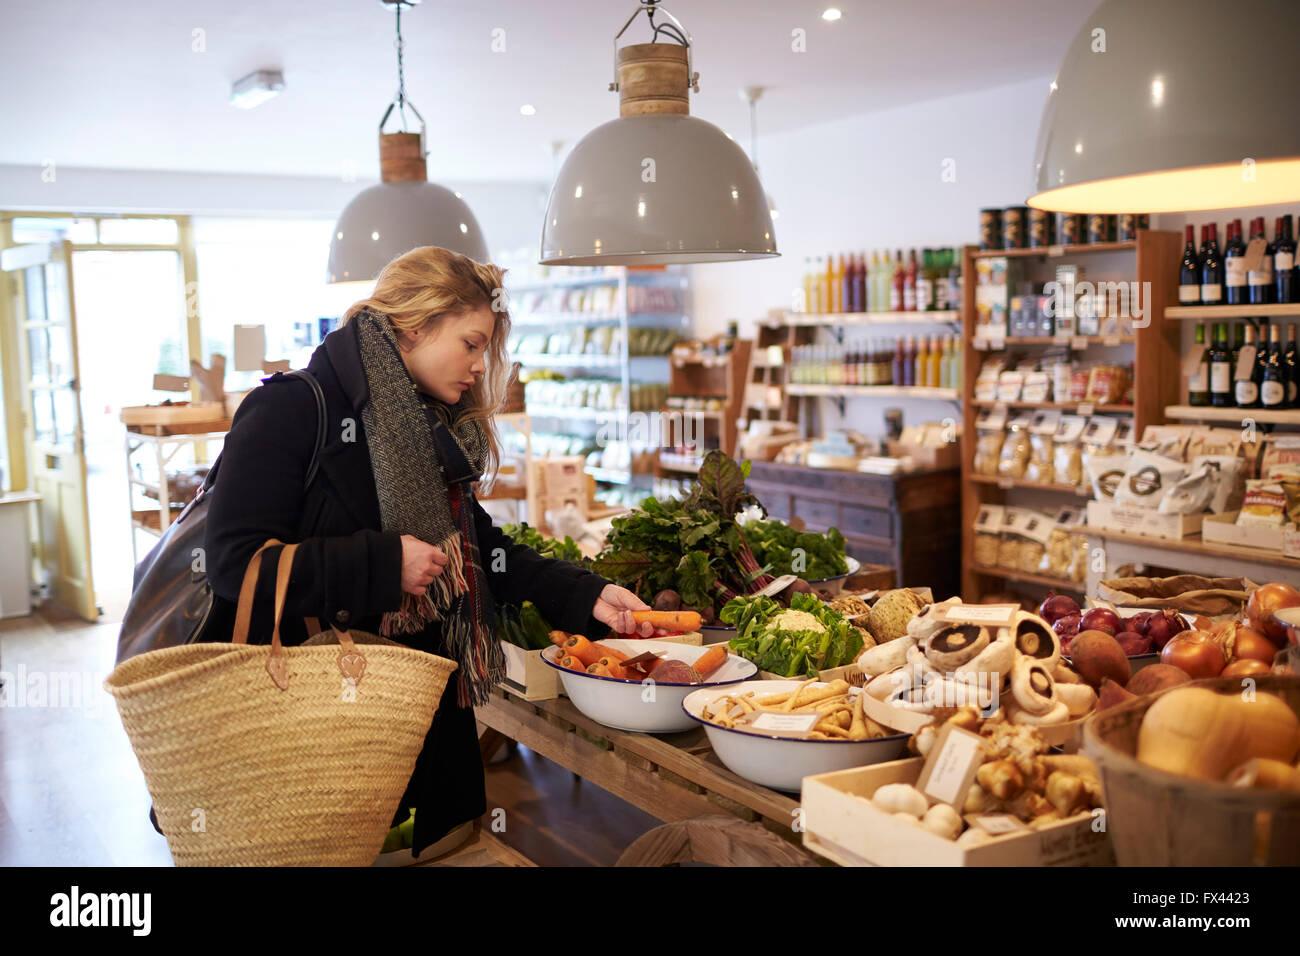 Donna Shopping per Prodotti Biologici di Delicatessen Immagini Stock